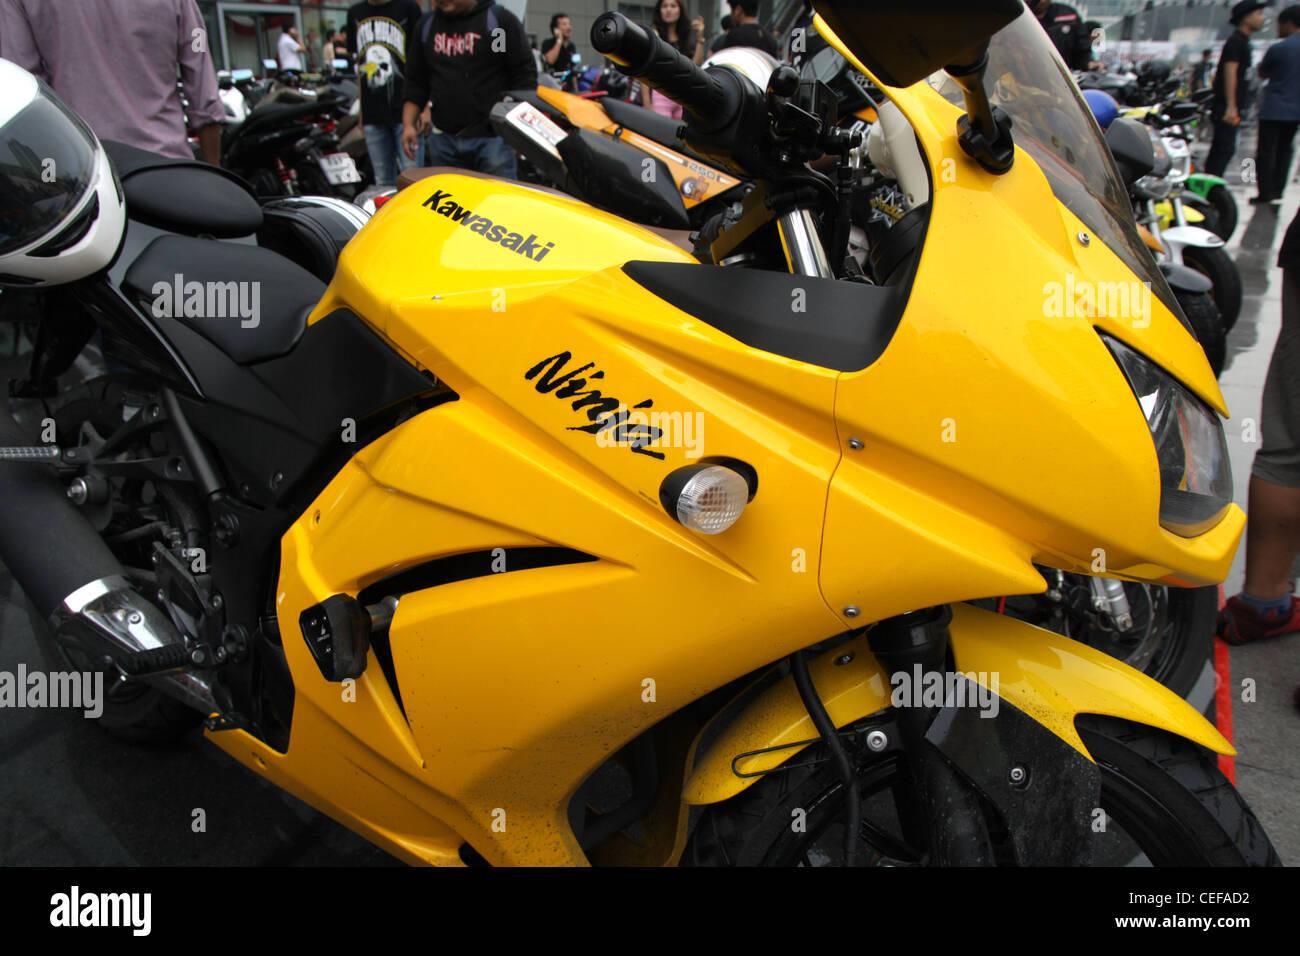 Kawasaki Ninja Stock Photos & Kawasaki Ninja Stock Images - Alamy